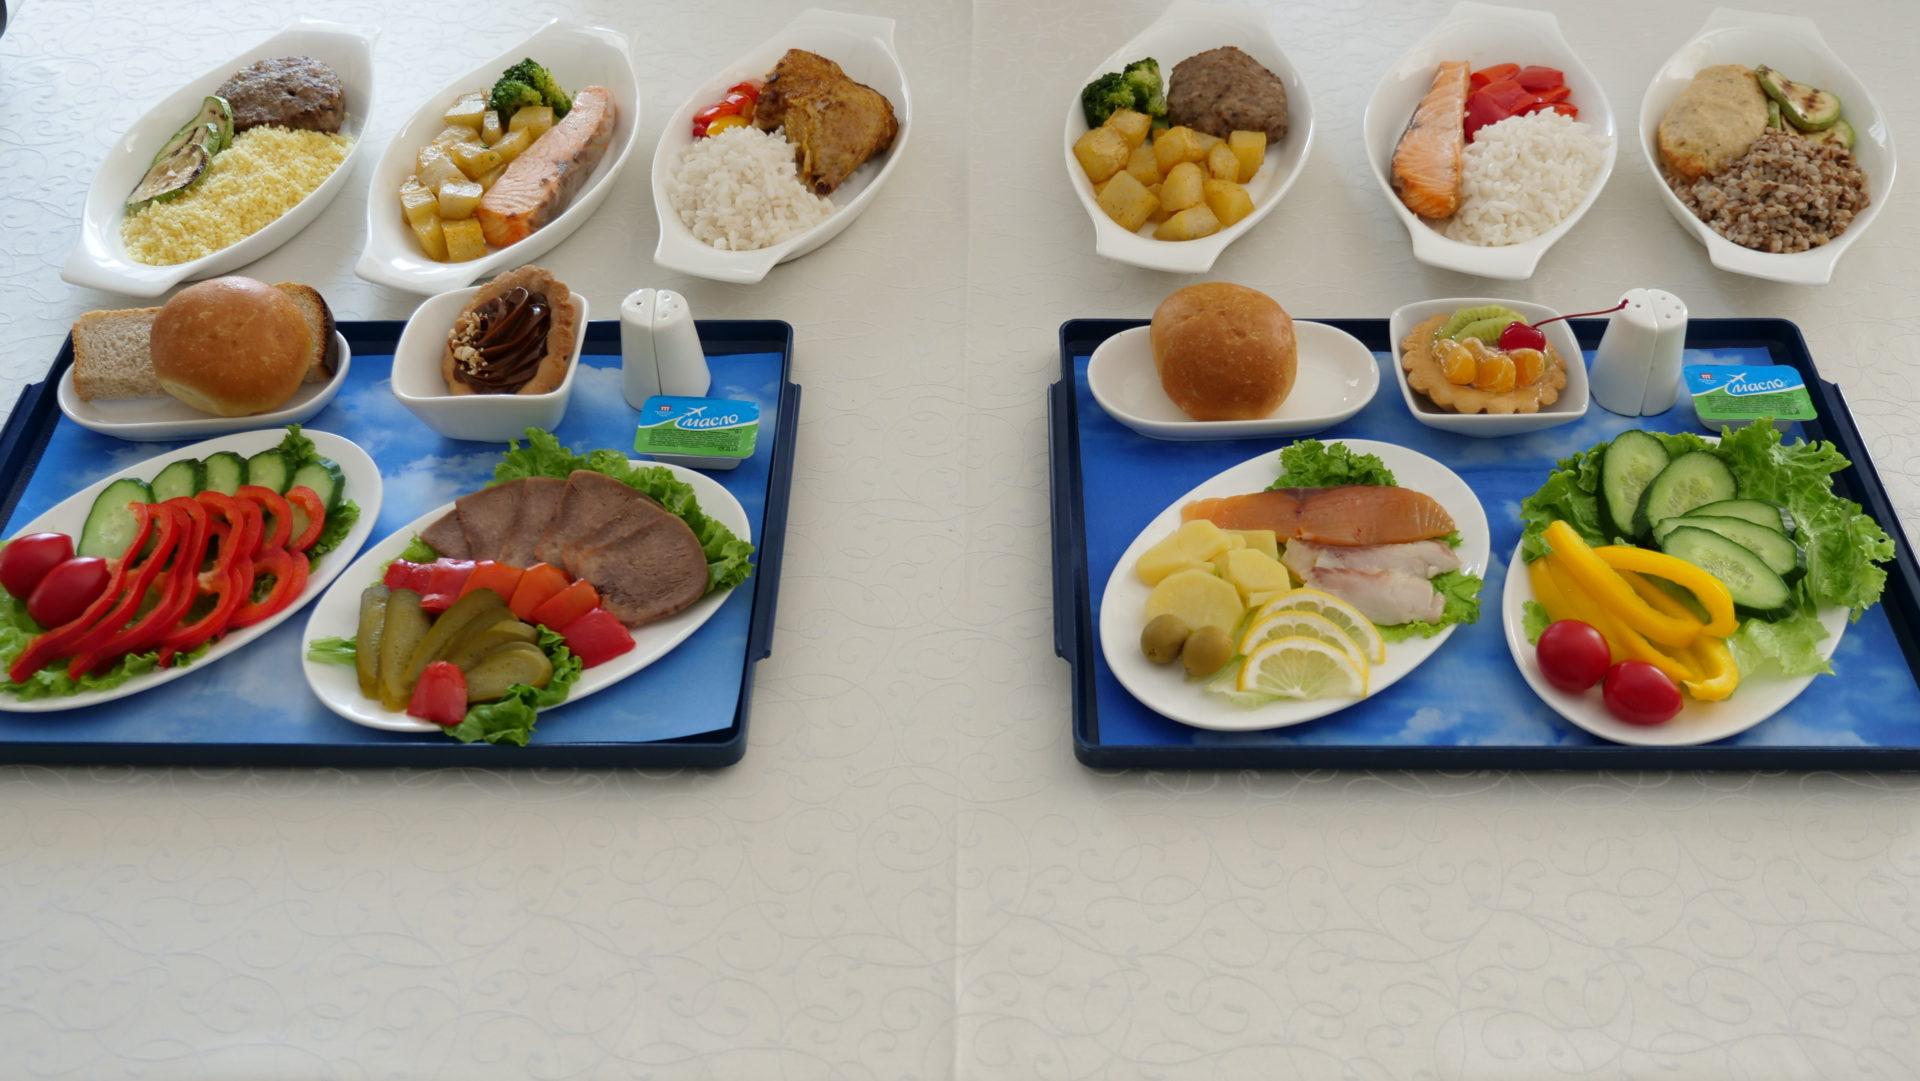 Цех бортового питания АО «Аэропорт Якутск» подготовил новое меню для пассажиров авиакомпании «Якутия»